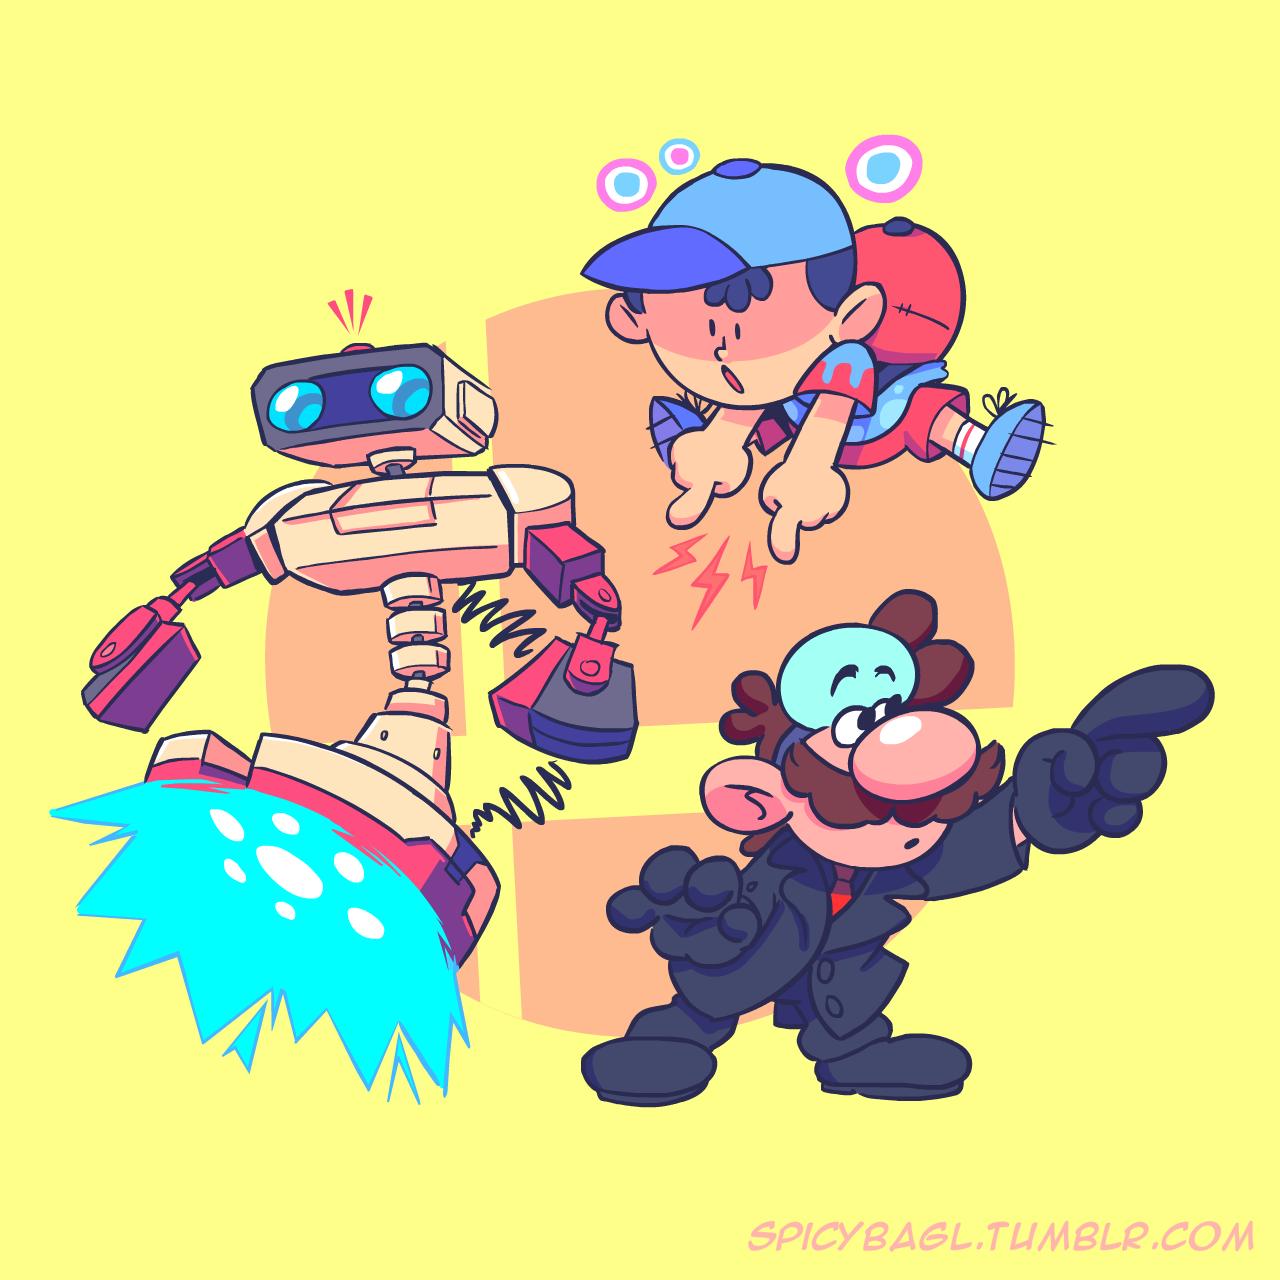 Smashing Brøs